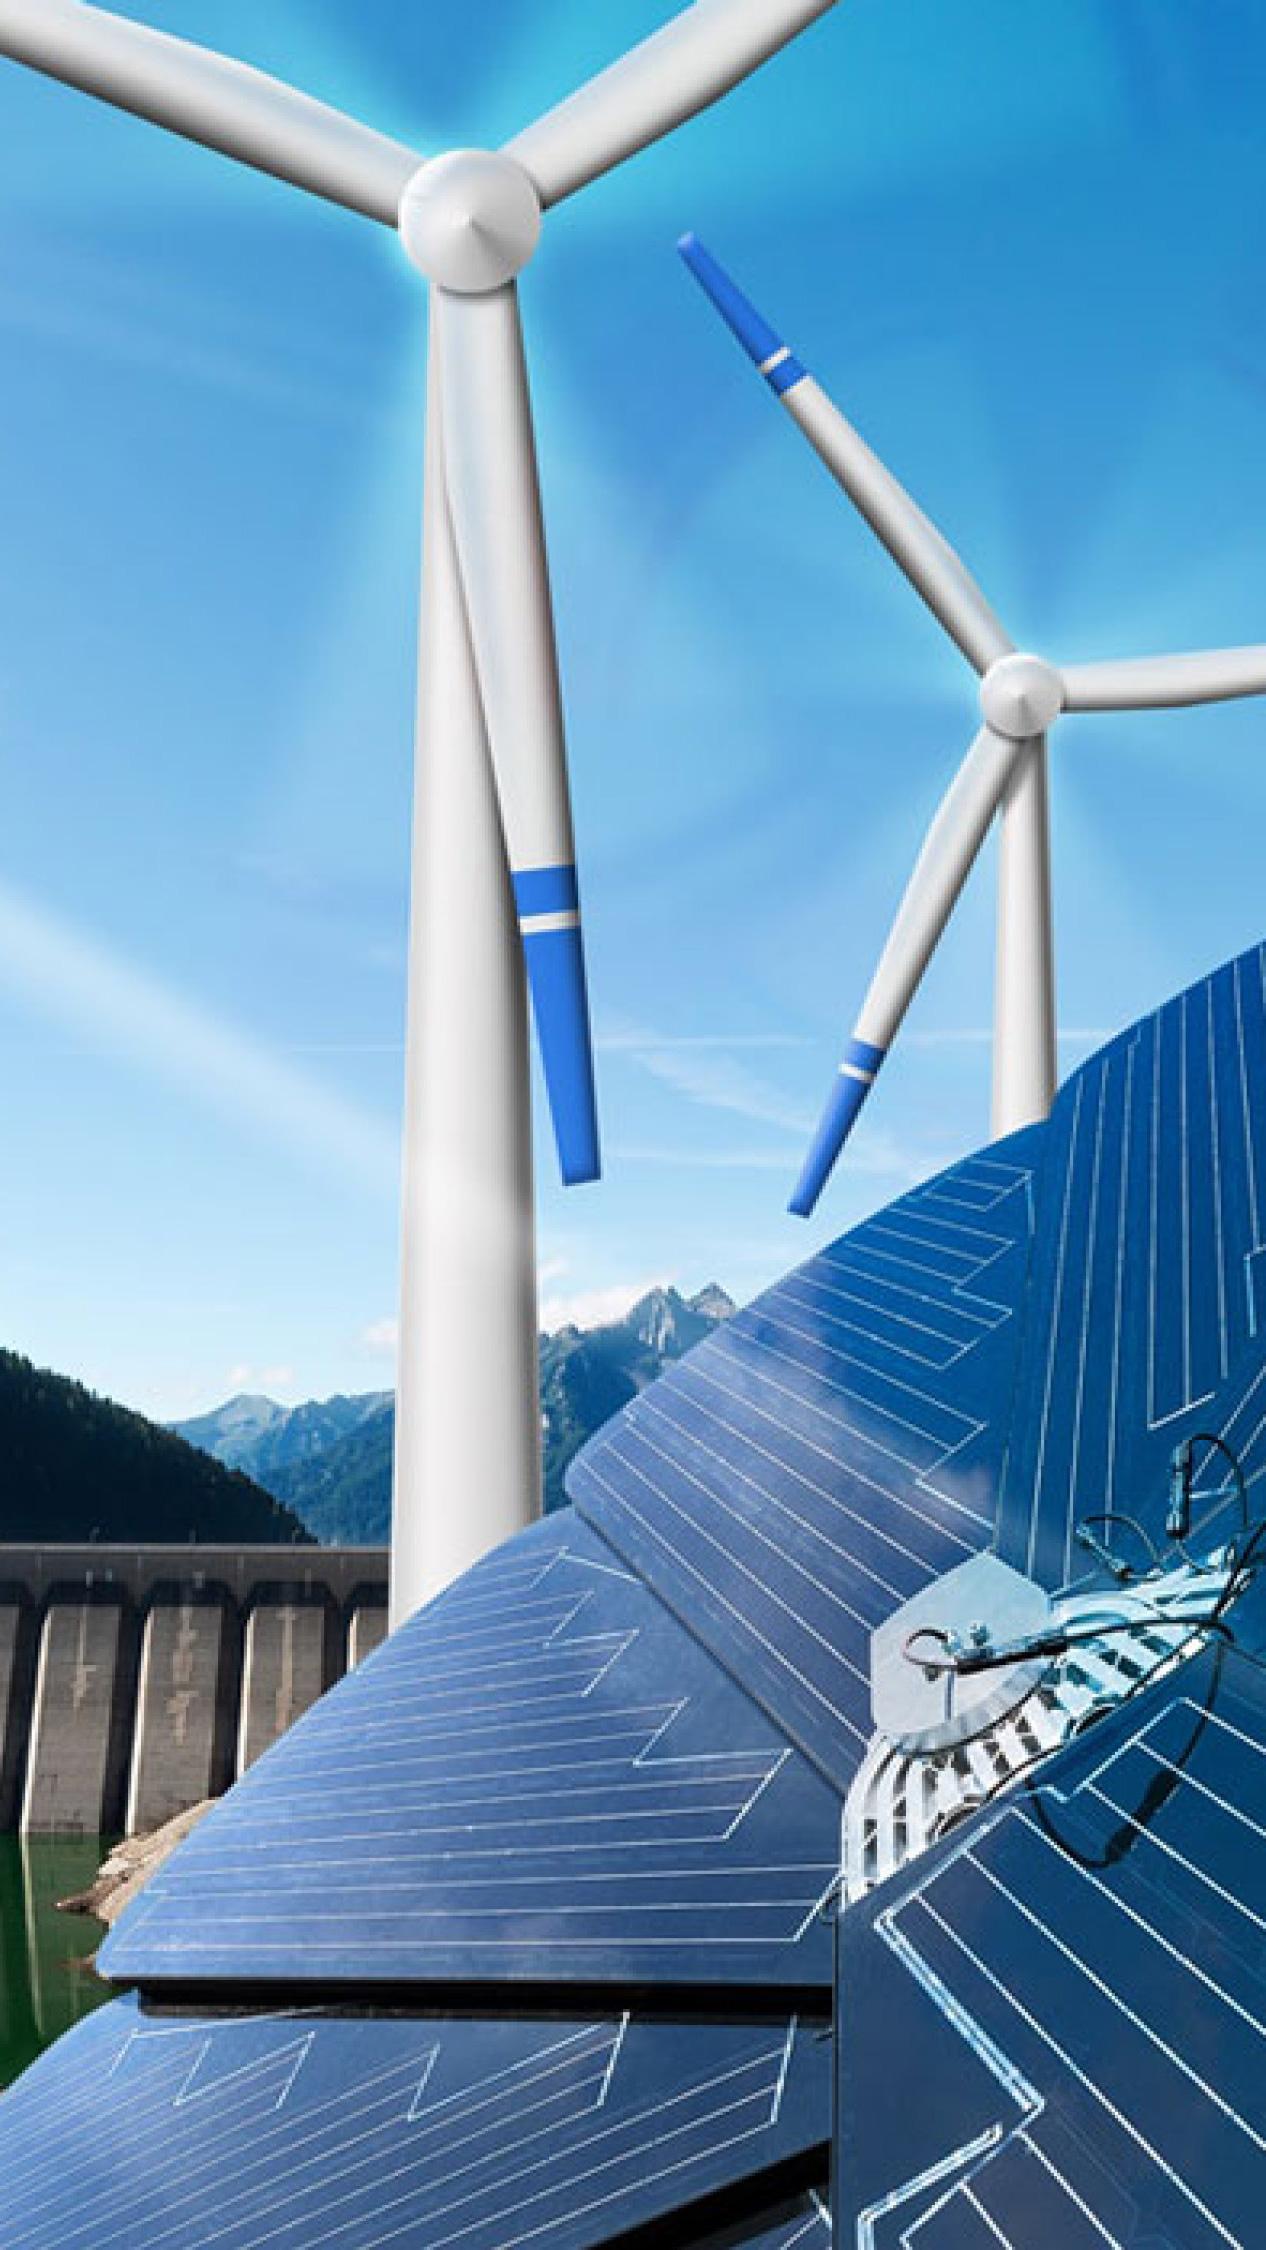 uploads/pics/https://www.steag.com.br/uploads/pics/200803_STE_Header_Energy_Services_Brasil4_9-16_01.jpg